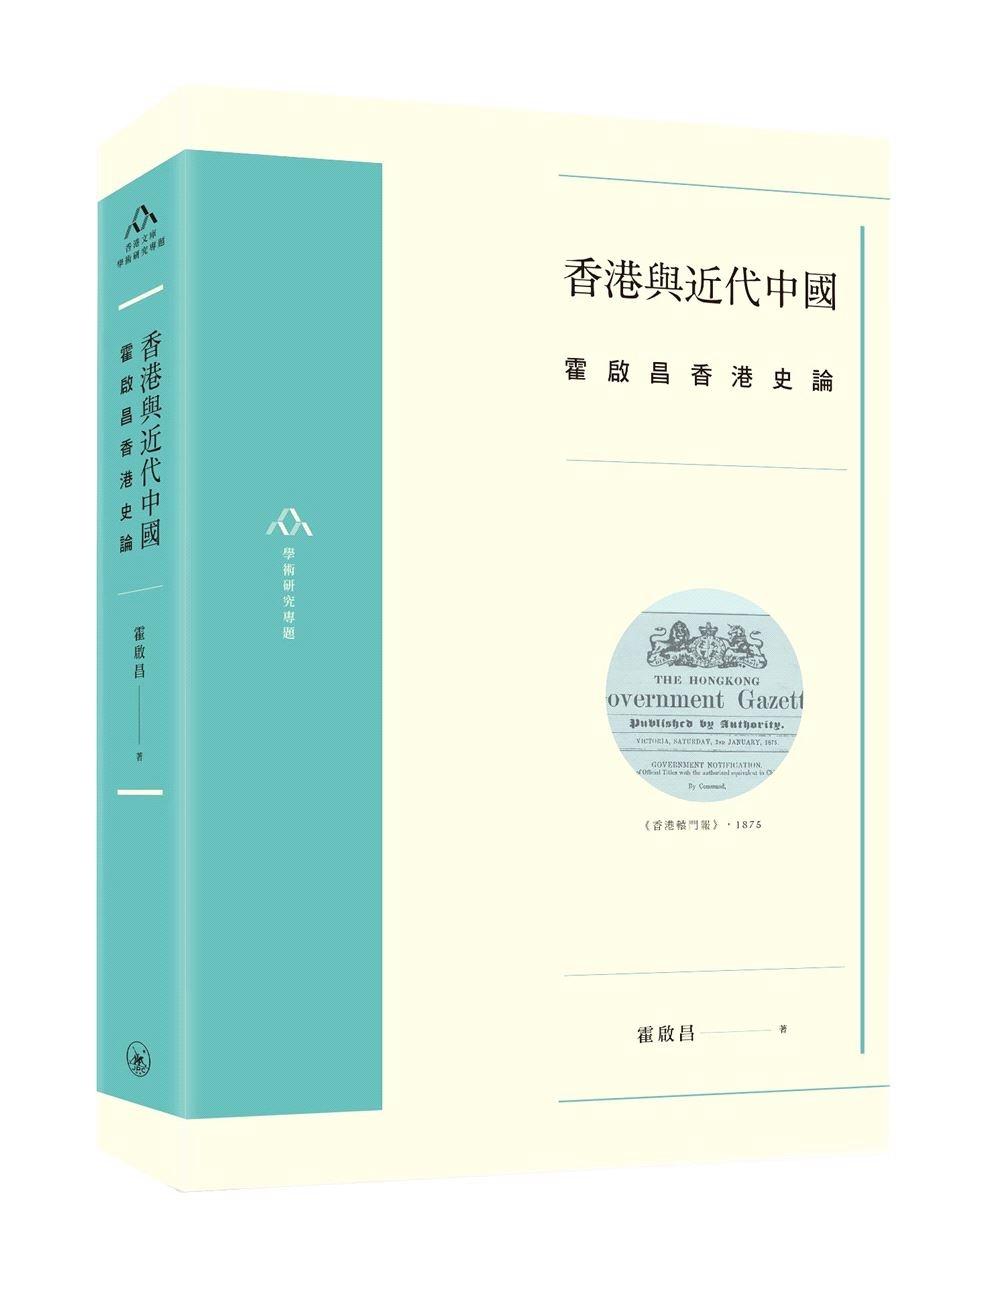 香港與近代中國:霍啟昌香港史論